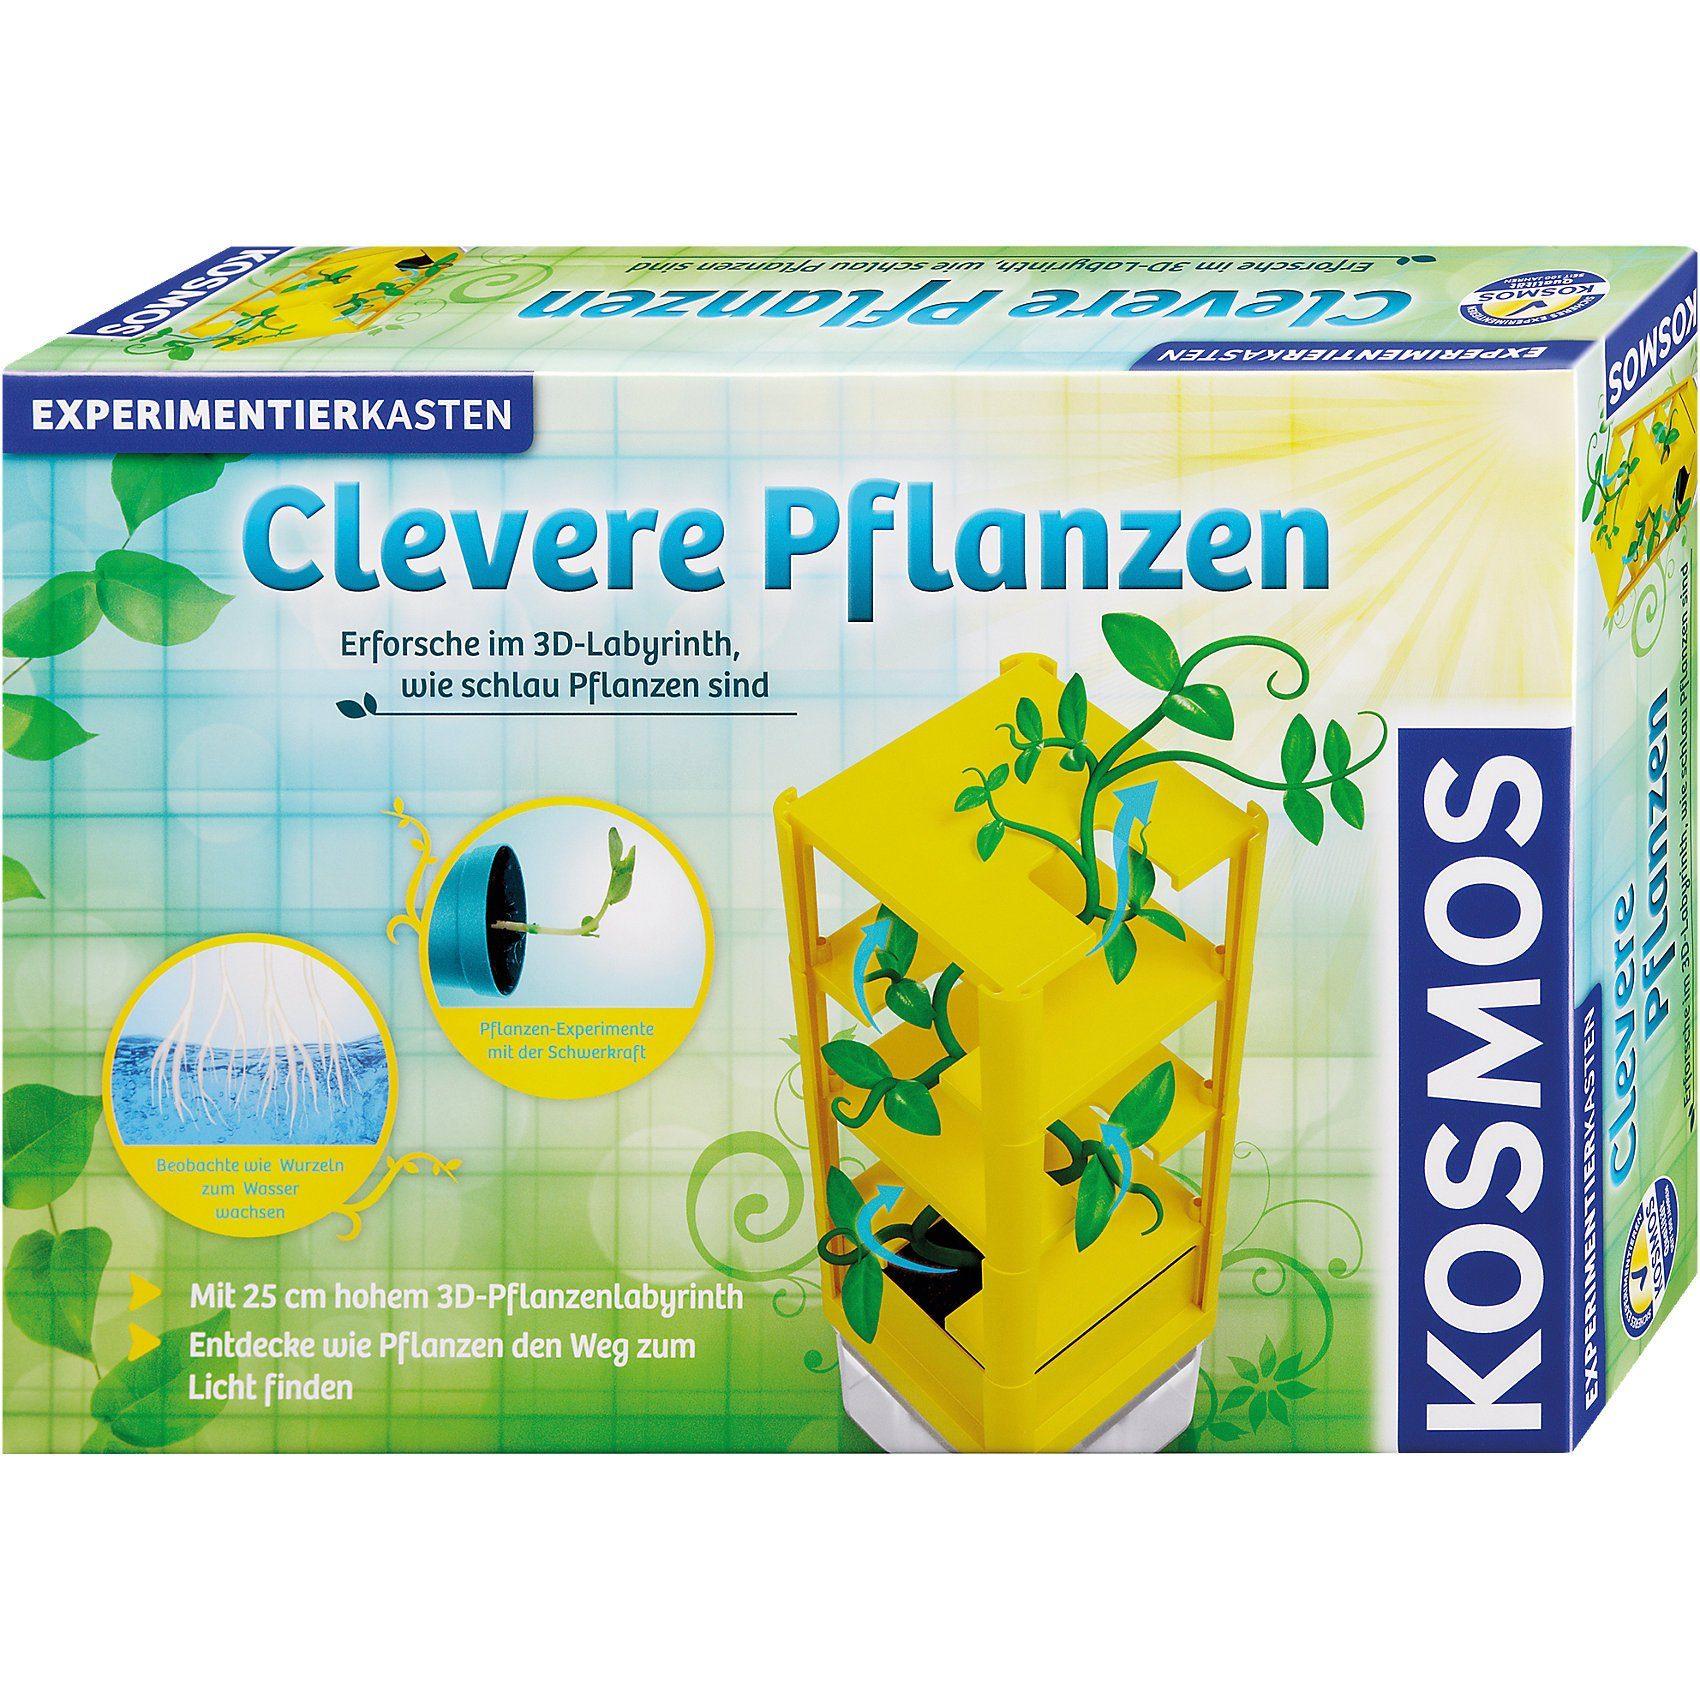 Kosmos Experimentierkasten Clevere Pflanzen